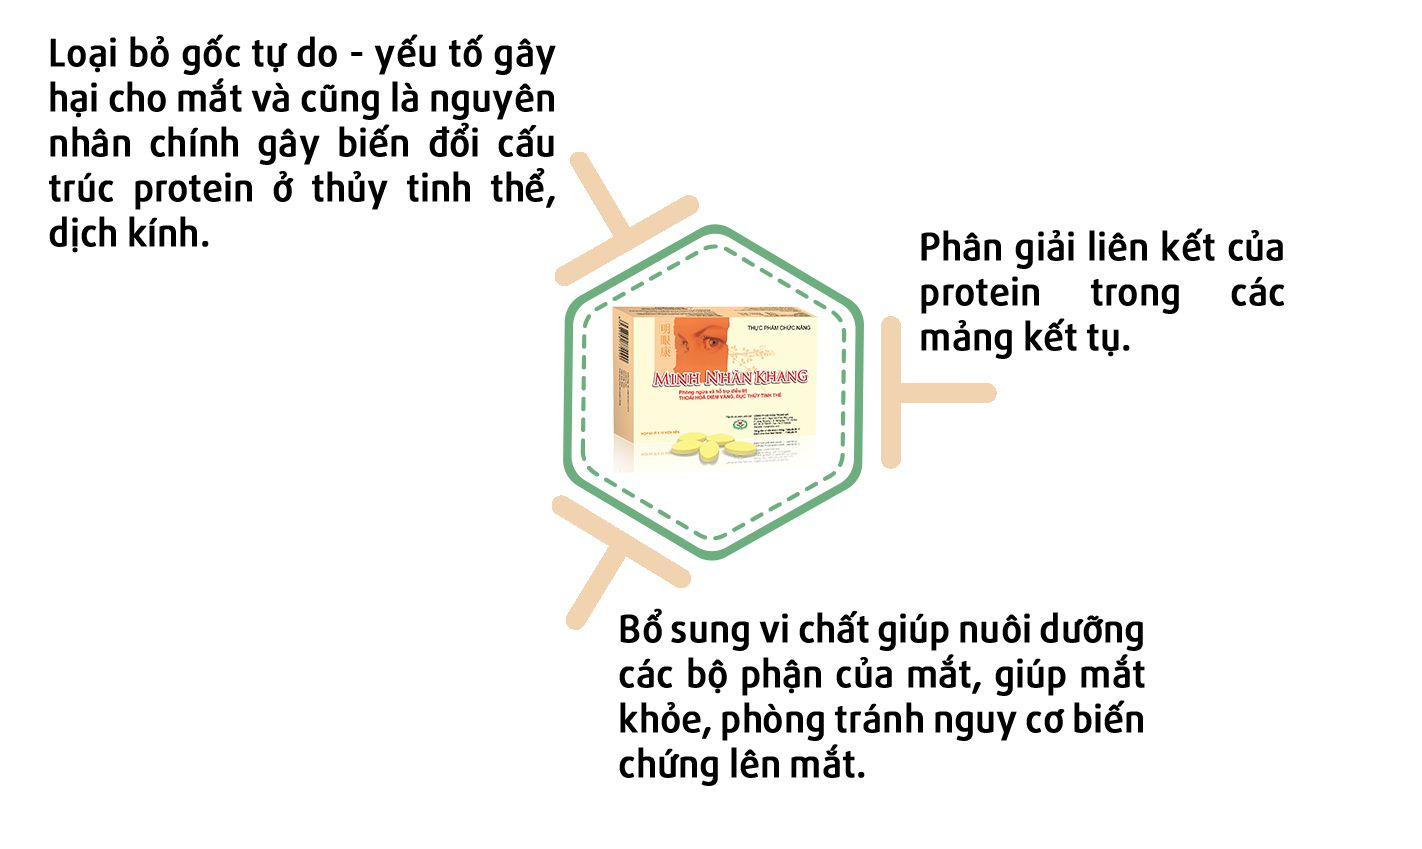 Minh Nhãn Khang giúp làm giảm hiện tượng ruồi bay trước mắt